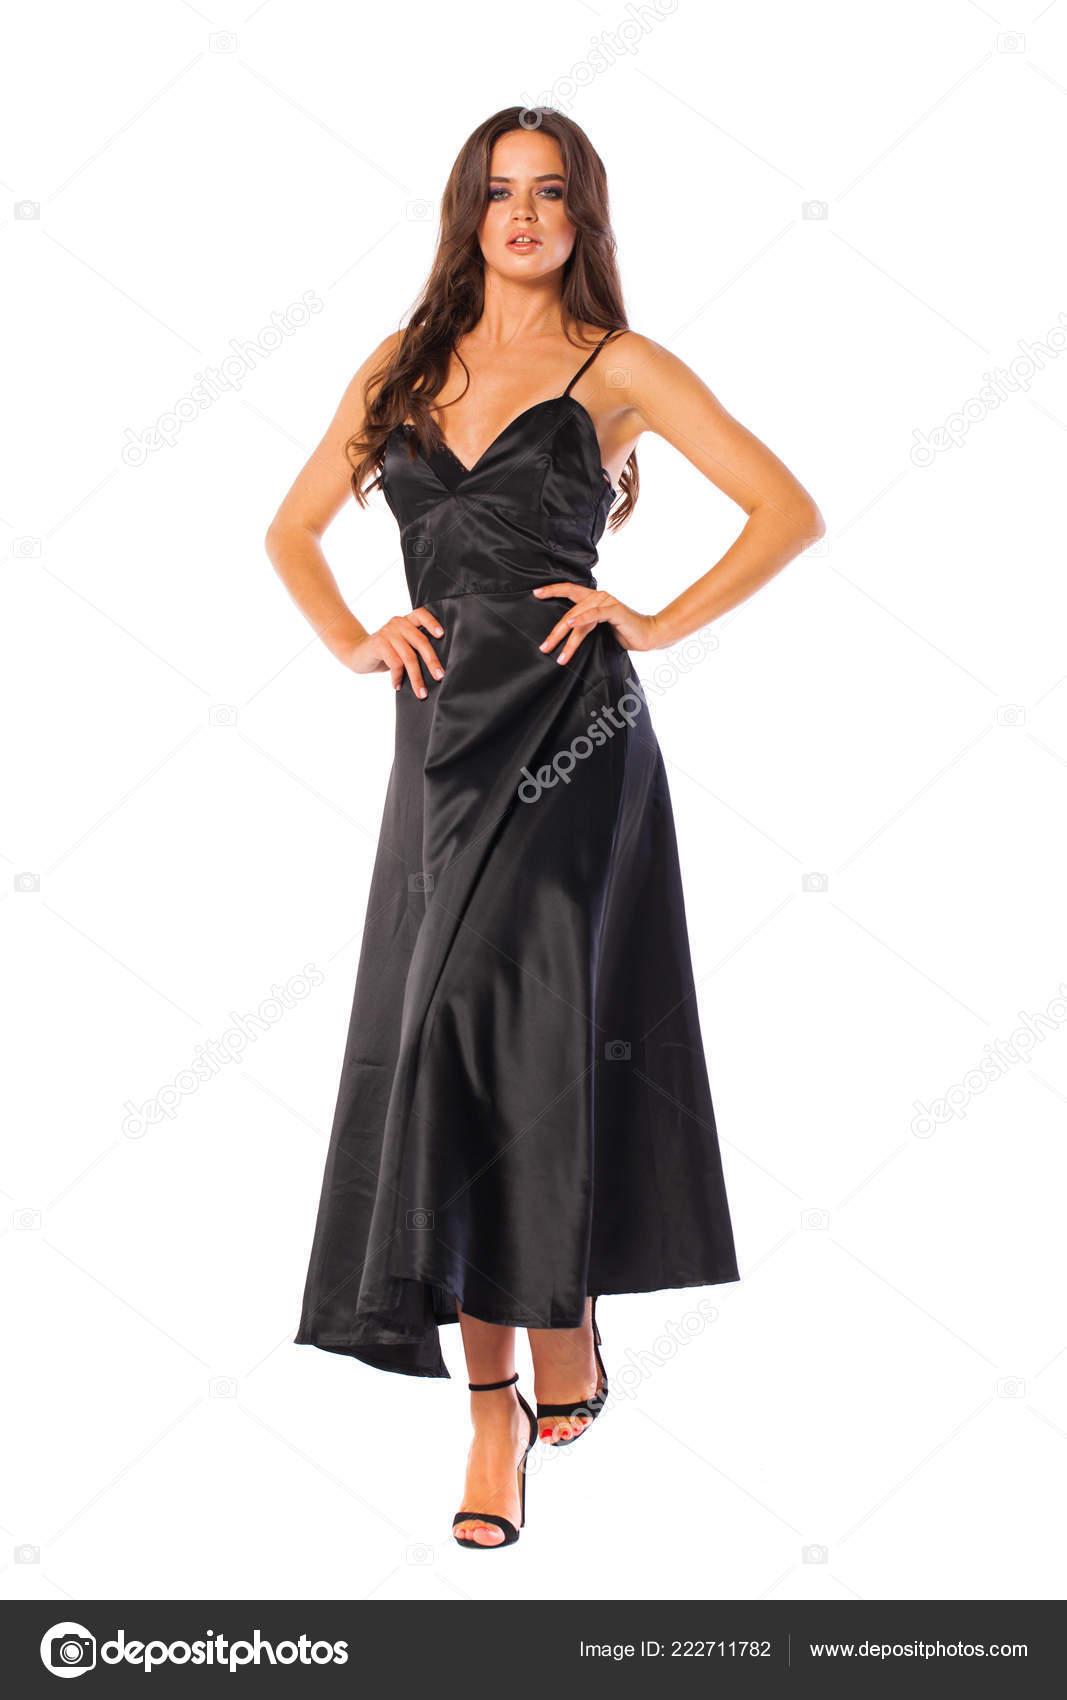 4eb2d61b5997 Corpo Pieno Giovane Bella Donna Castana Vestito Nero Lungo Isolato–  immagine stock